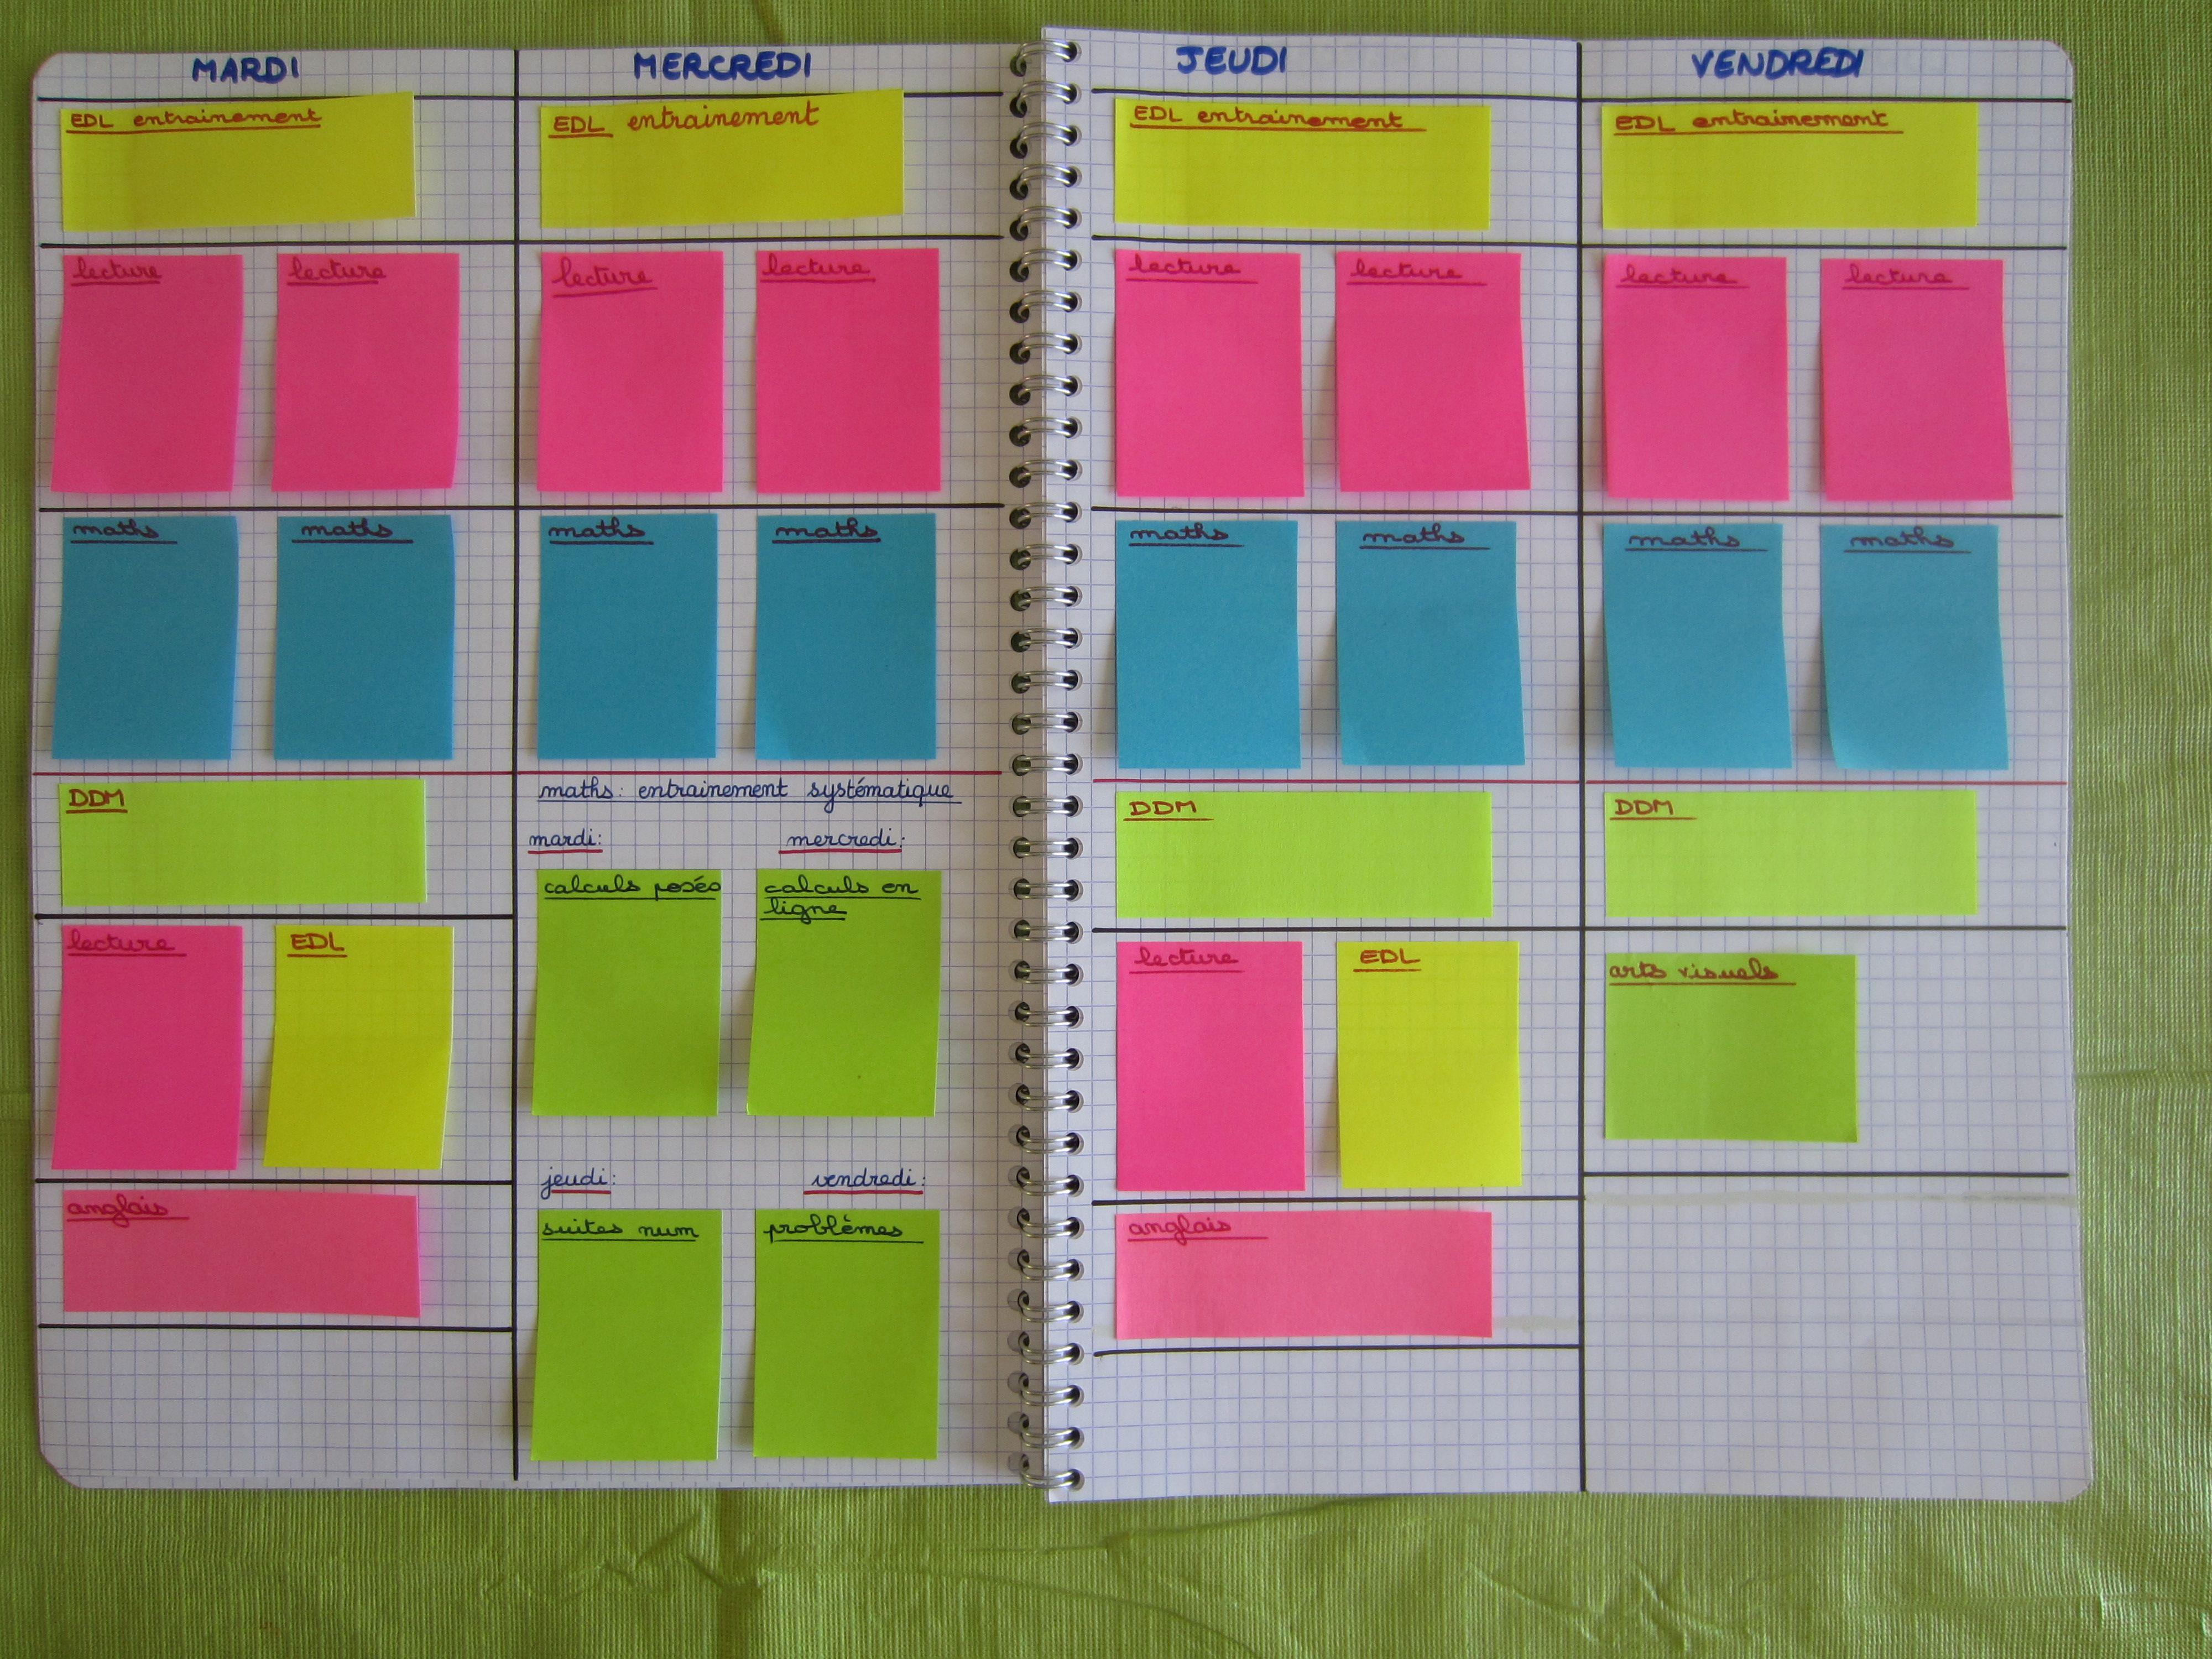 cahier journal post it gestion classe pinterest ce1 classe et la classe. Black Bedroom Furniture Sets. Home Design Ideas